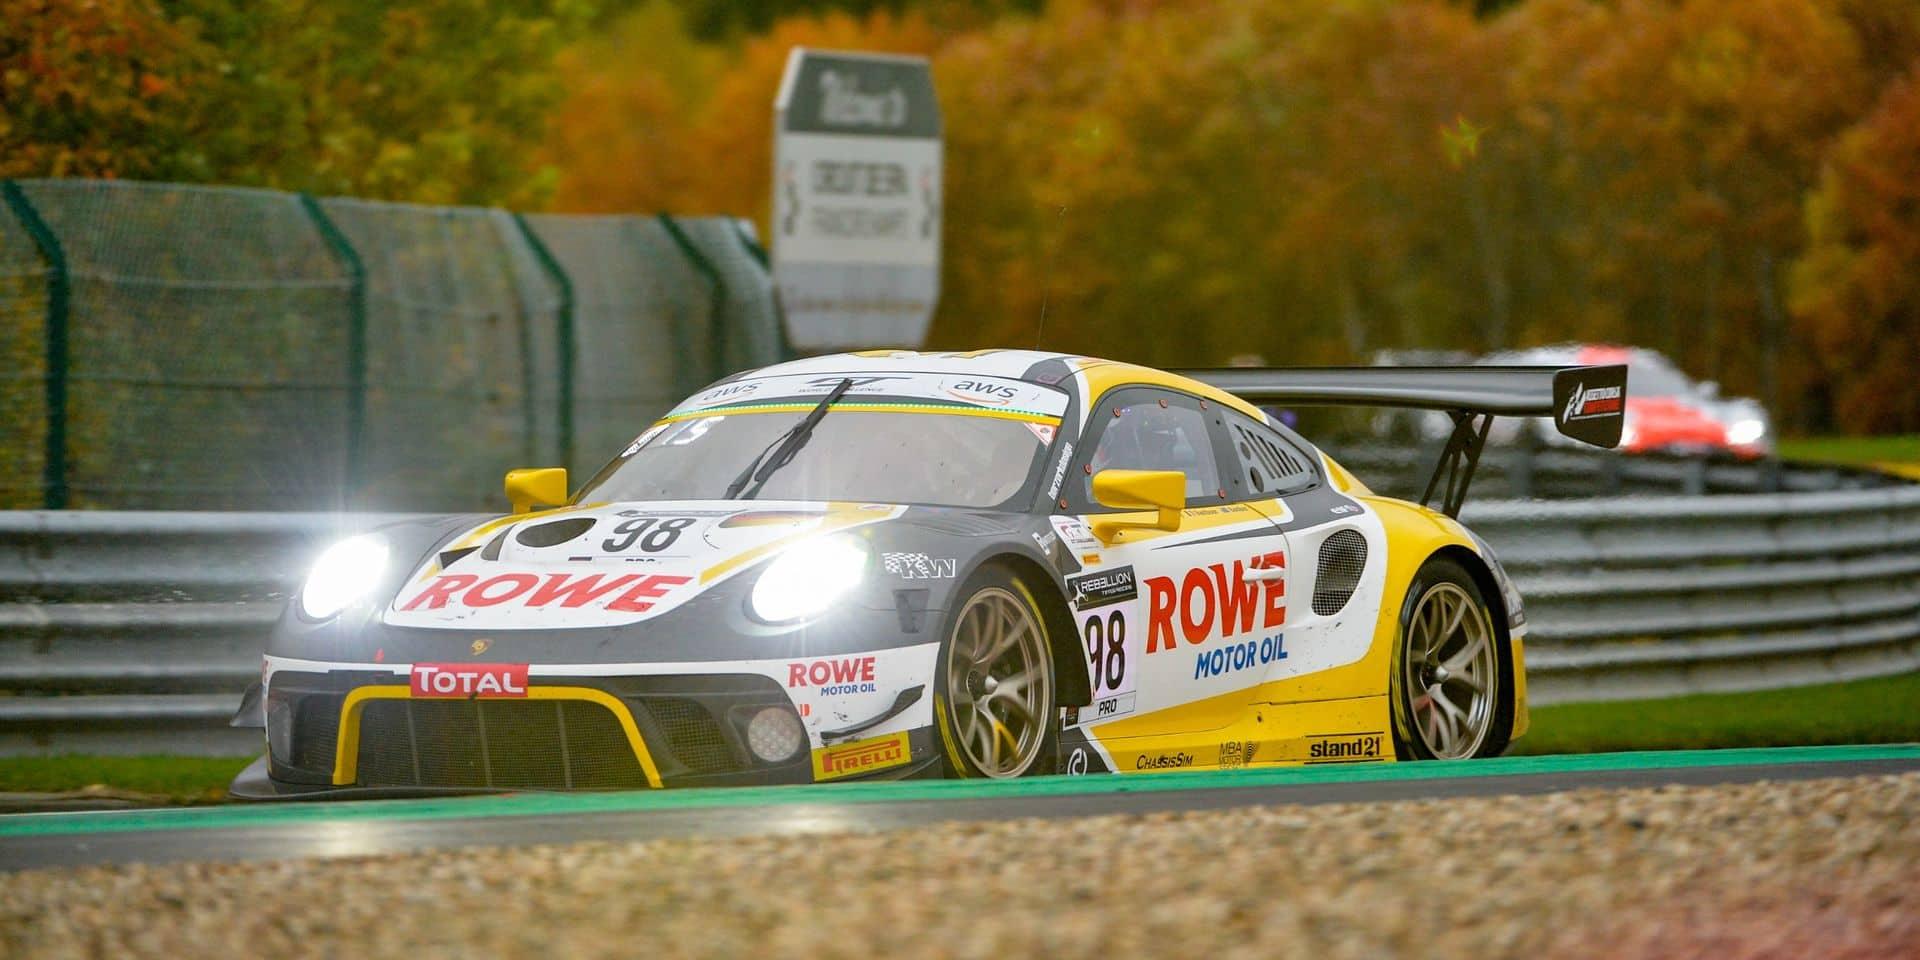 Laurens Vanthoor et Porsche remportent les 24 Heures de Spa-Francorchamps 2020 !